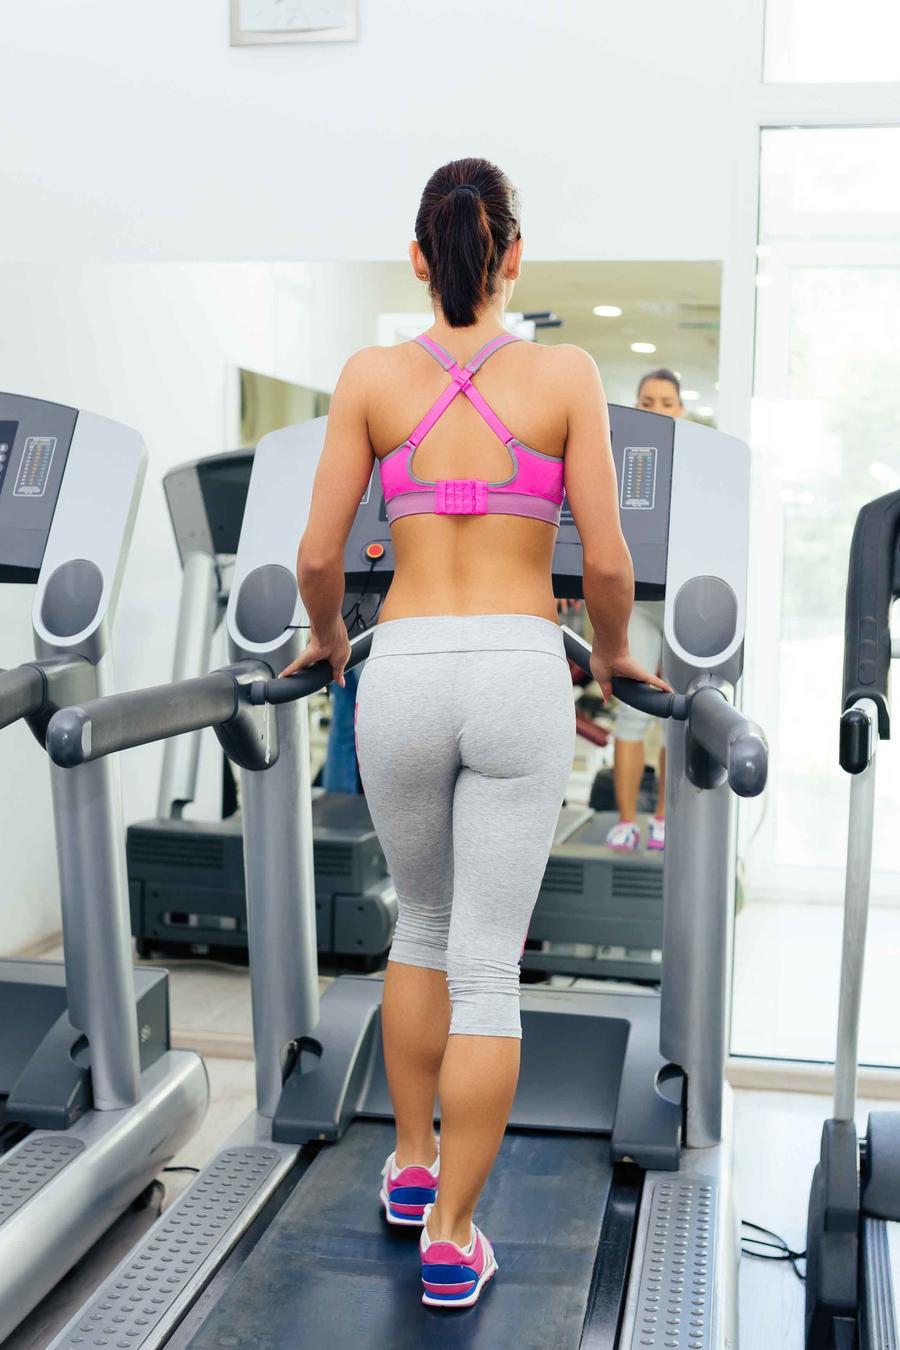 Mujer caminando sobre cinta en gimnasio